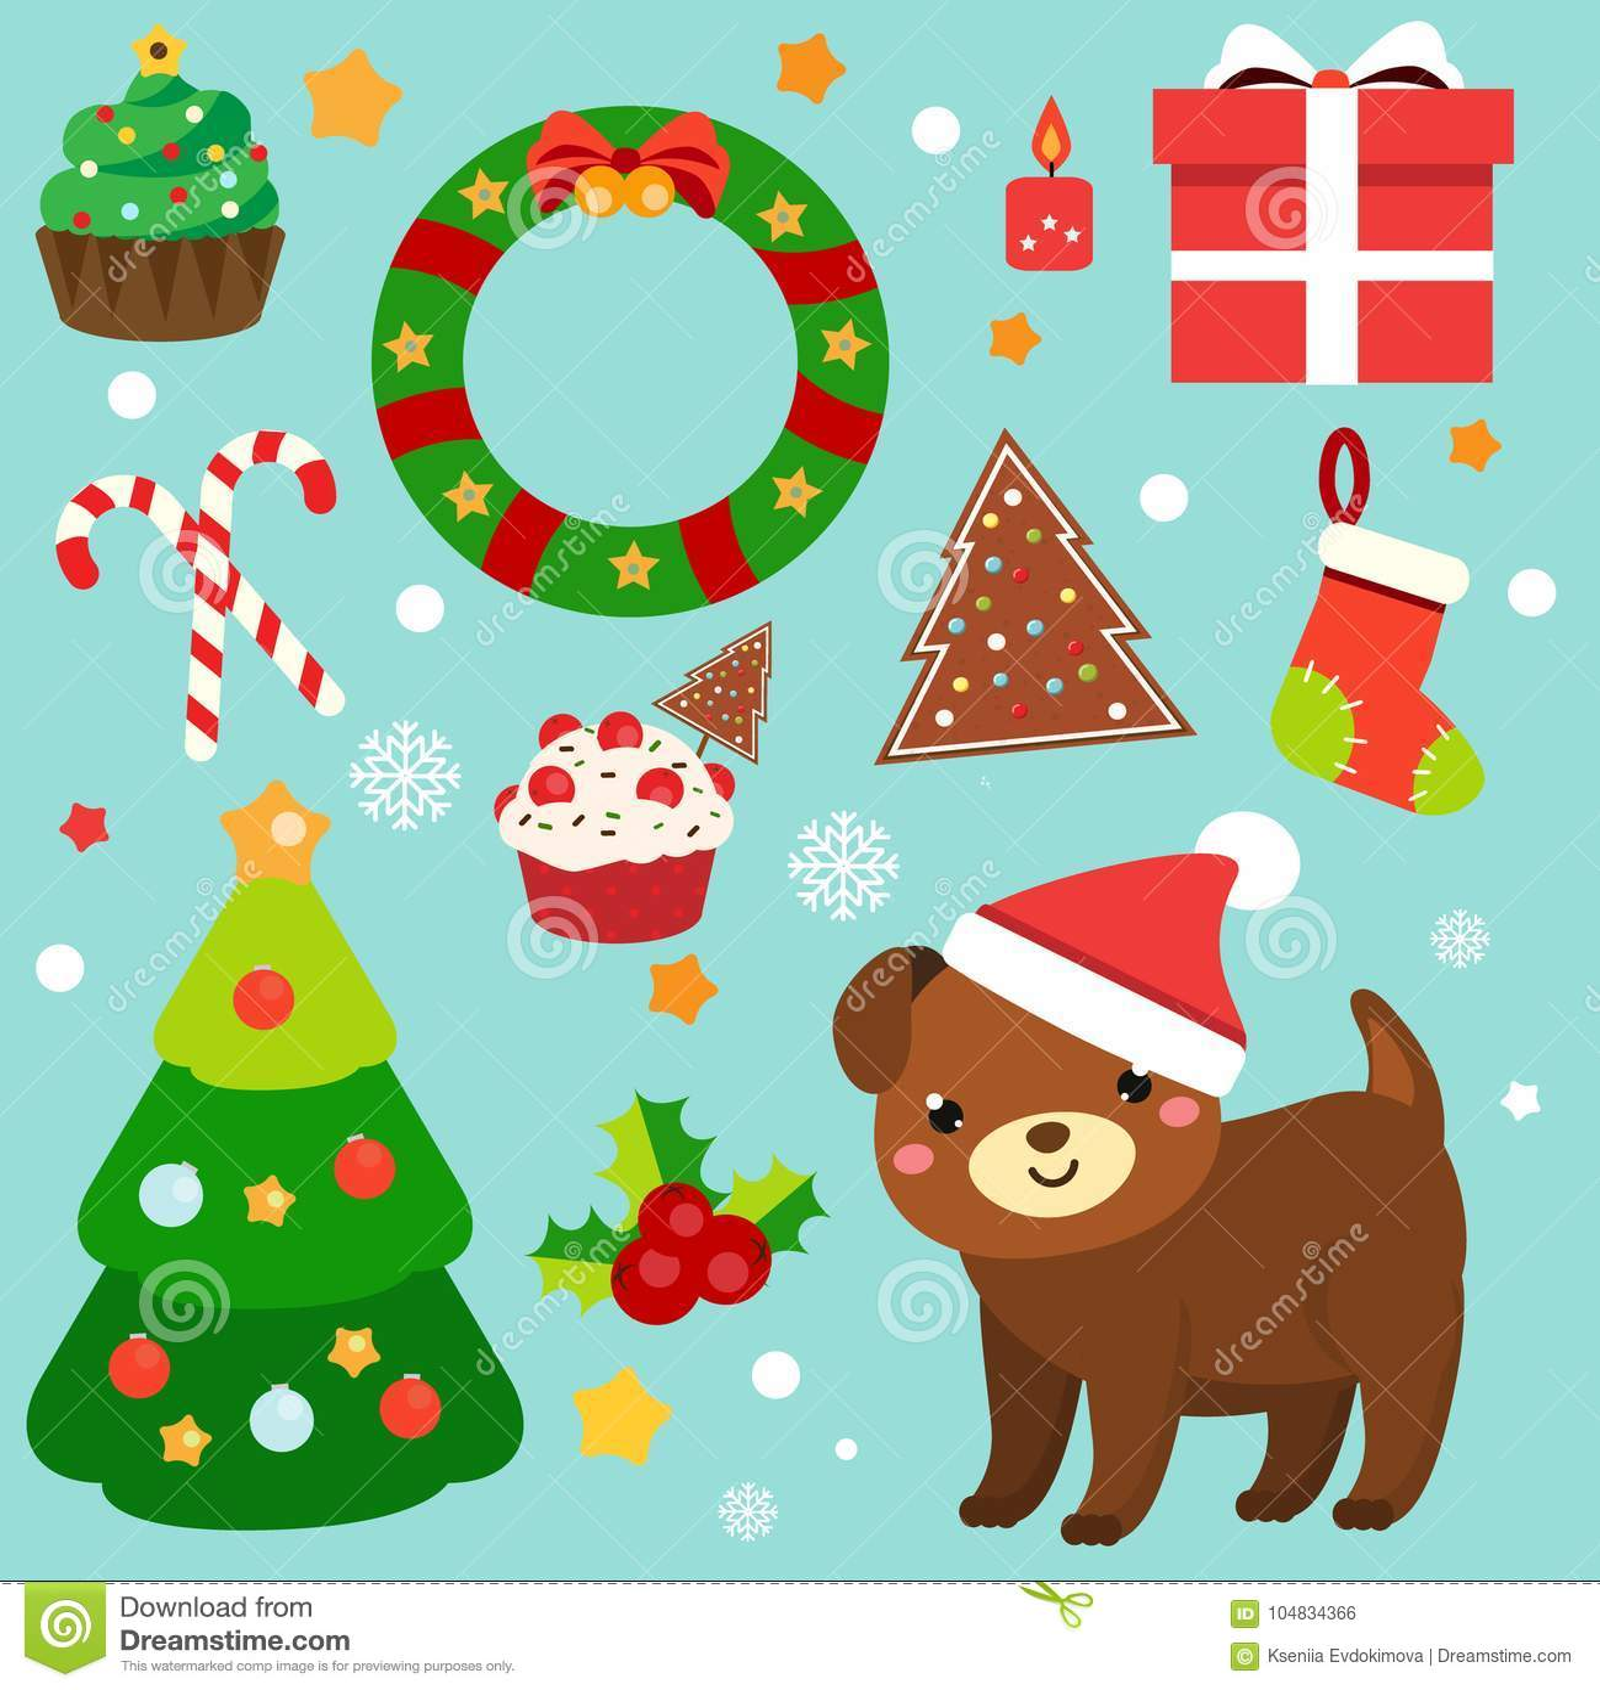 Weihnachtsclipart 2018 Aufkleber Des Neuen Jahres